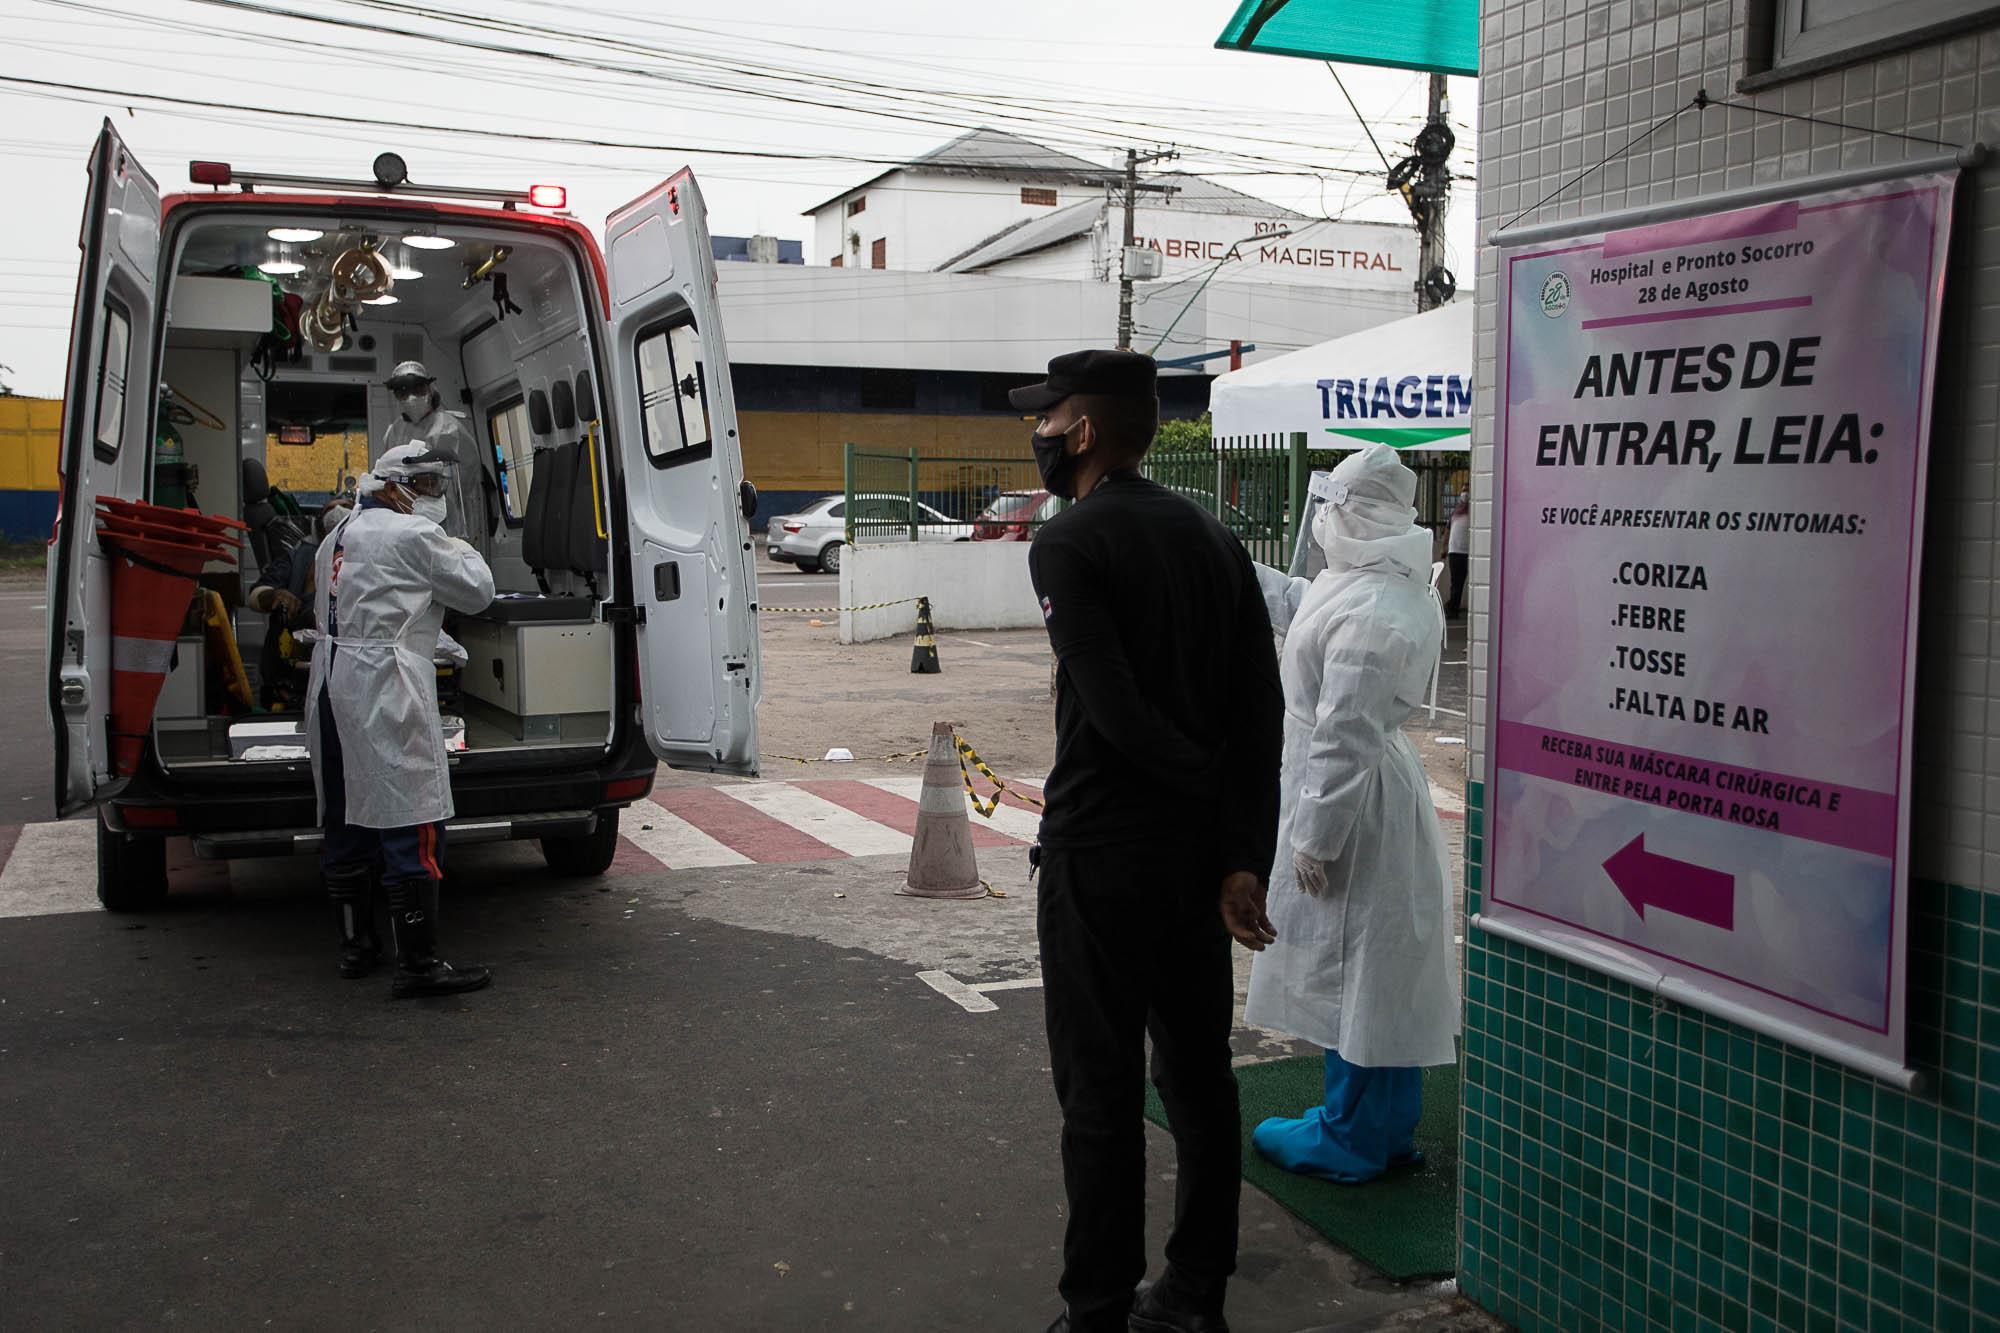 Coronavírus: Pesquisadores alertam para incidência dos casos e falta de UTI no interior do Amazonas